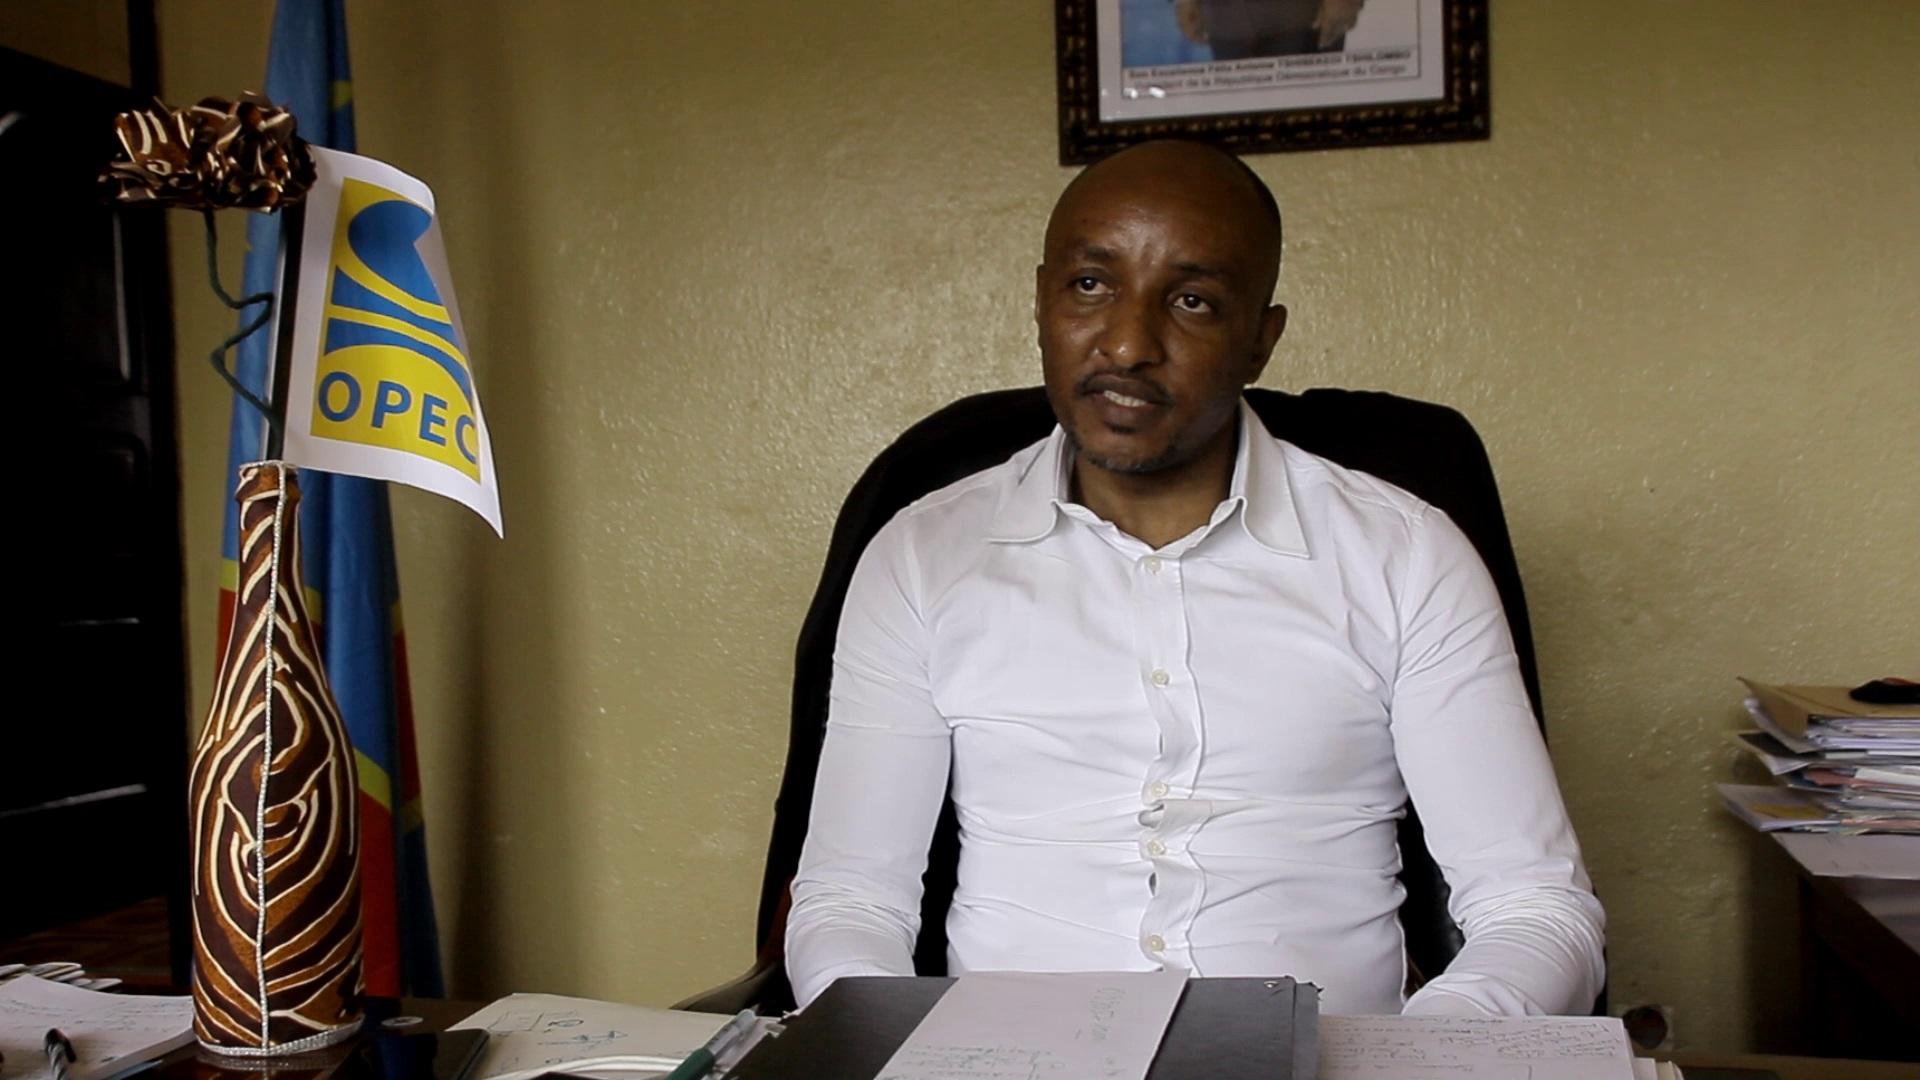 Sud-Kivu : OPEC annonce le financement de PME au début de l'année 2021 (vidéo)